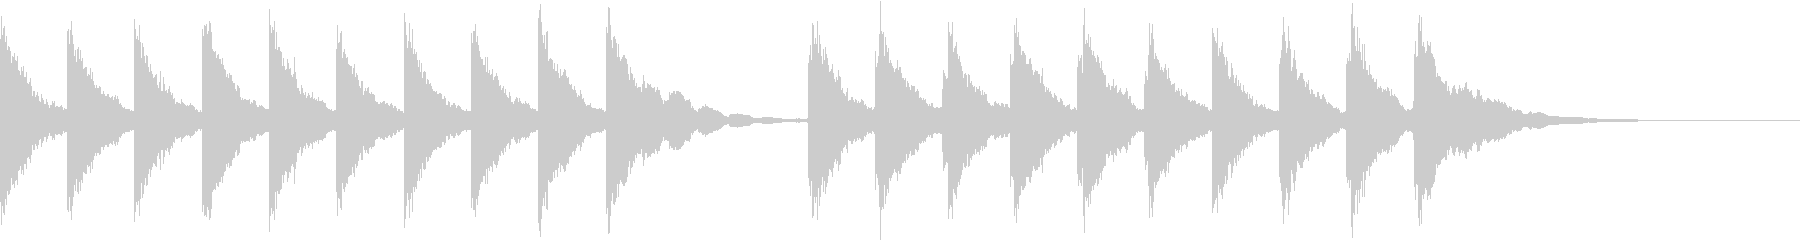 シンプルな鐘の音の開演ベルの未再生の波形